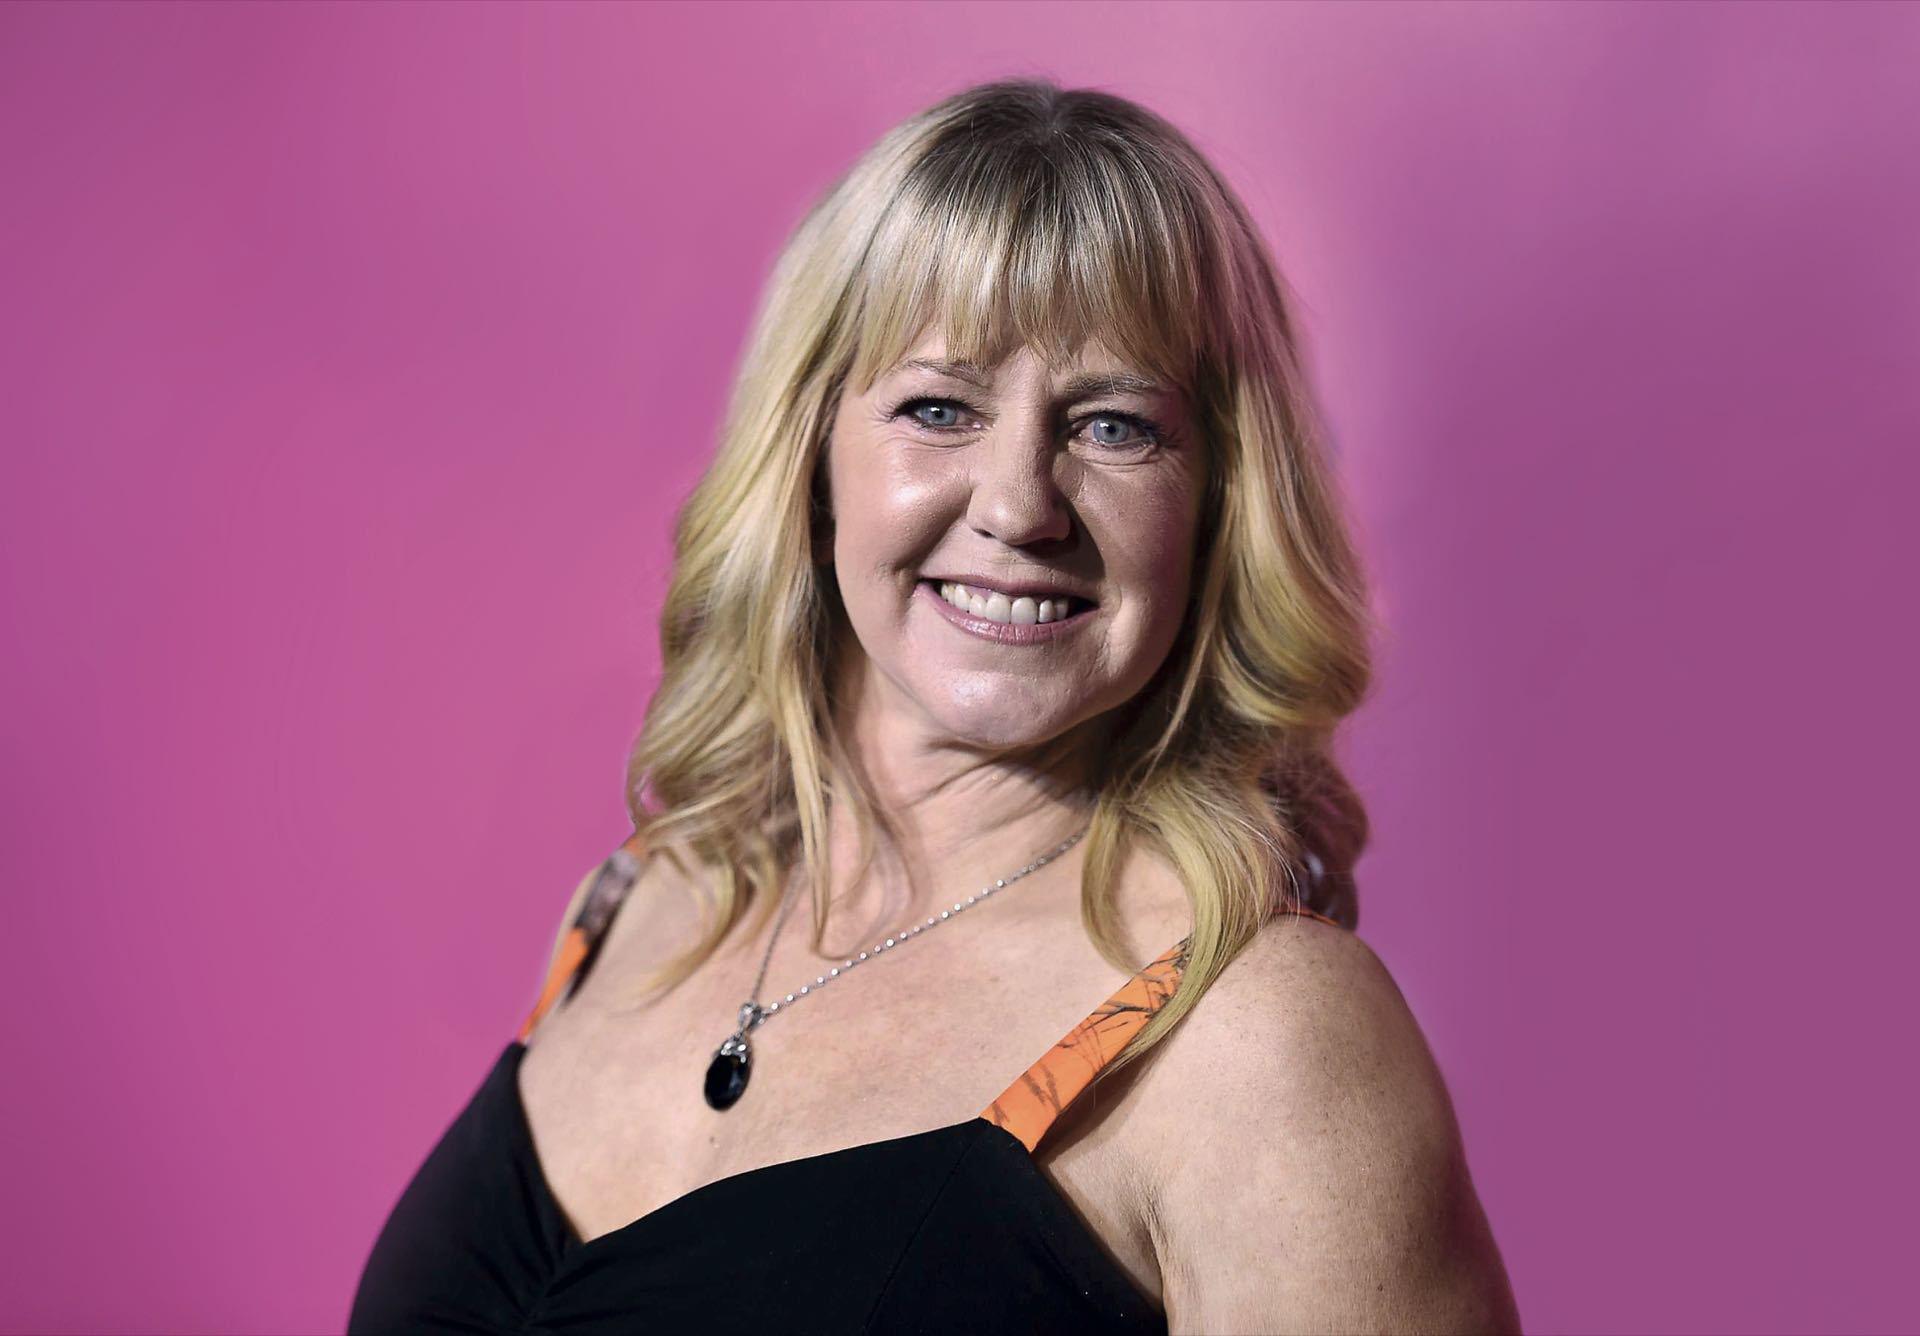 A sus 57 años, Tonya Harding elige hacerse llamar Tonya Prince.